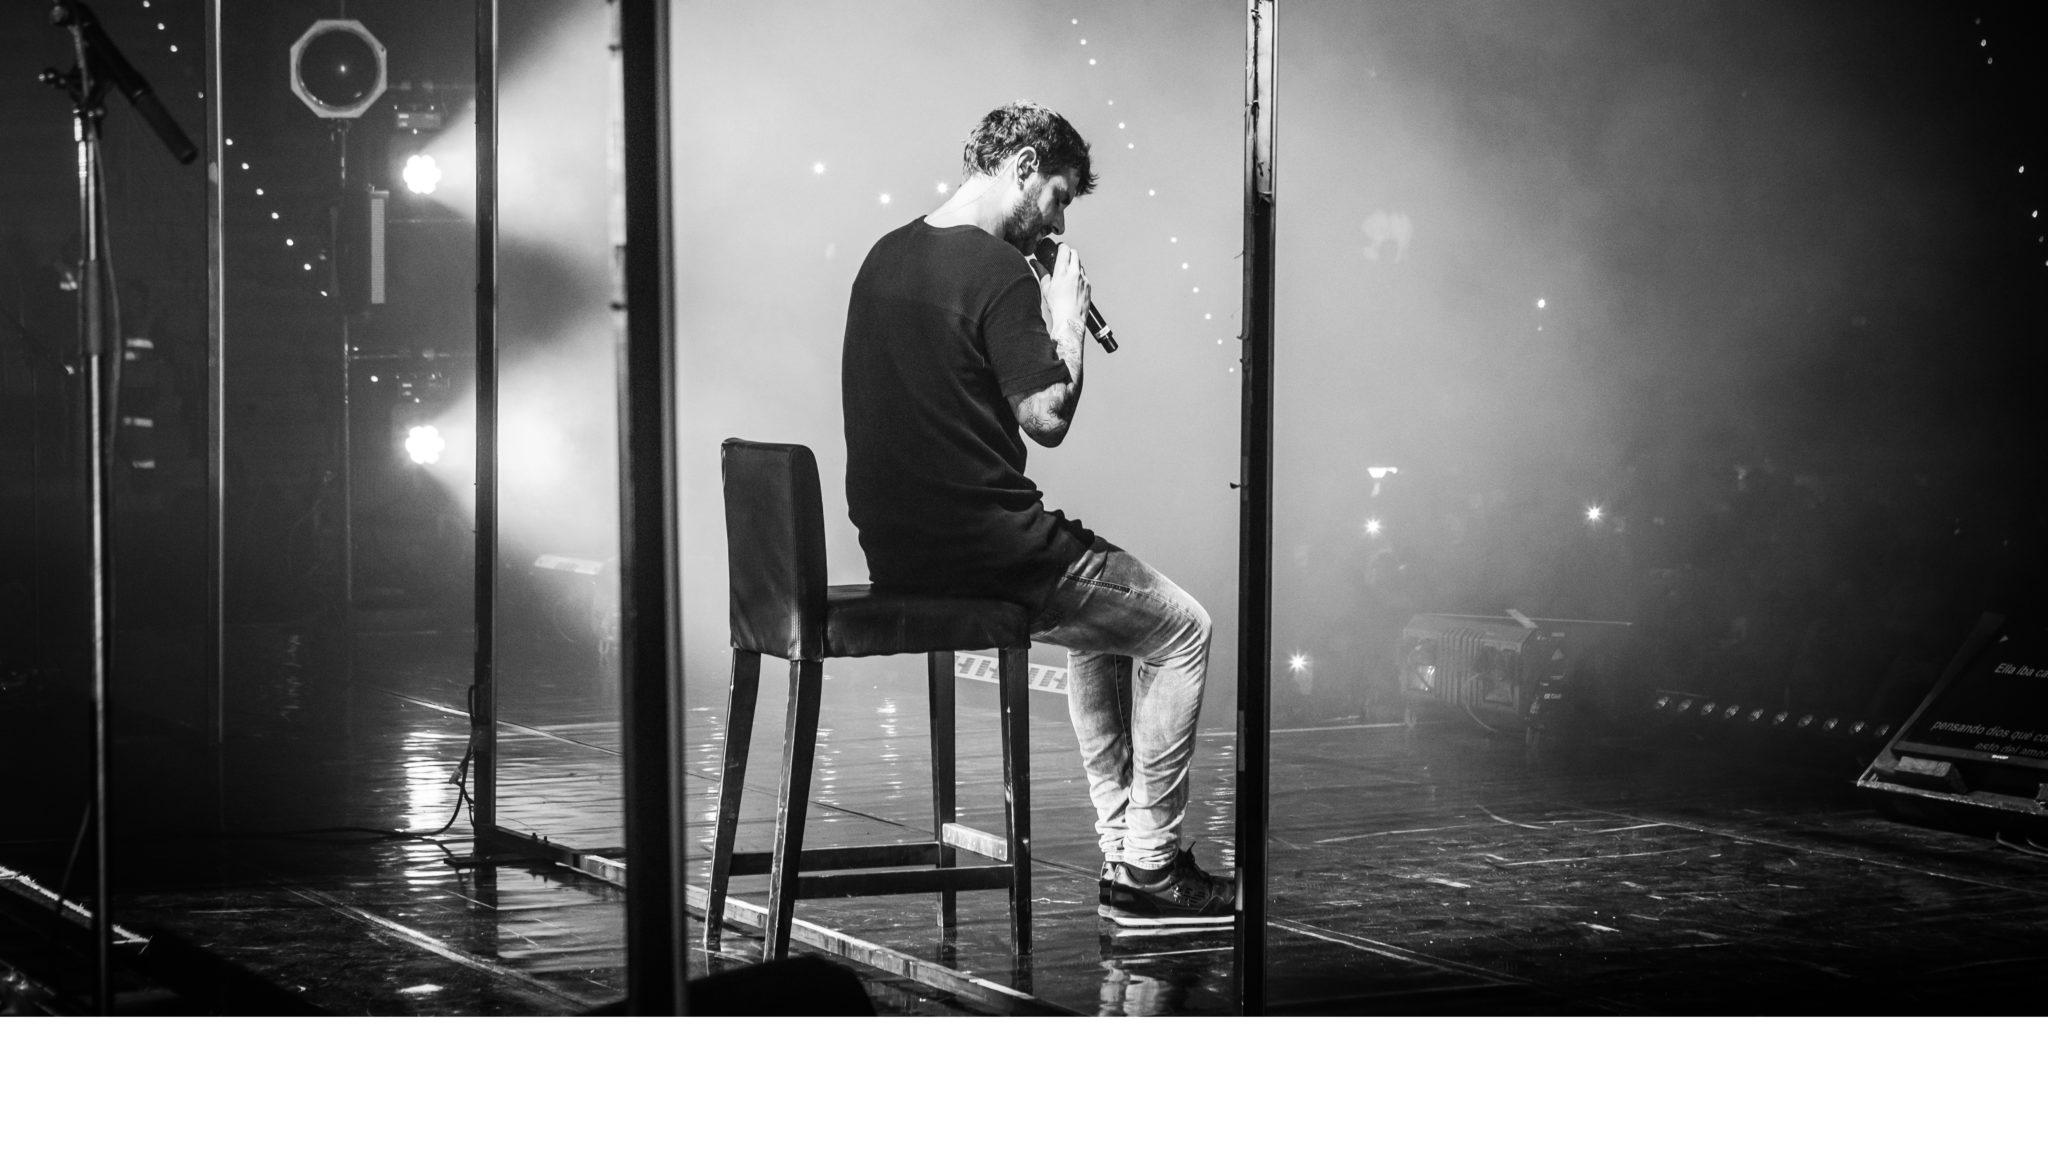 Melendi concierto Coruña 14.12.2019 navidad